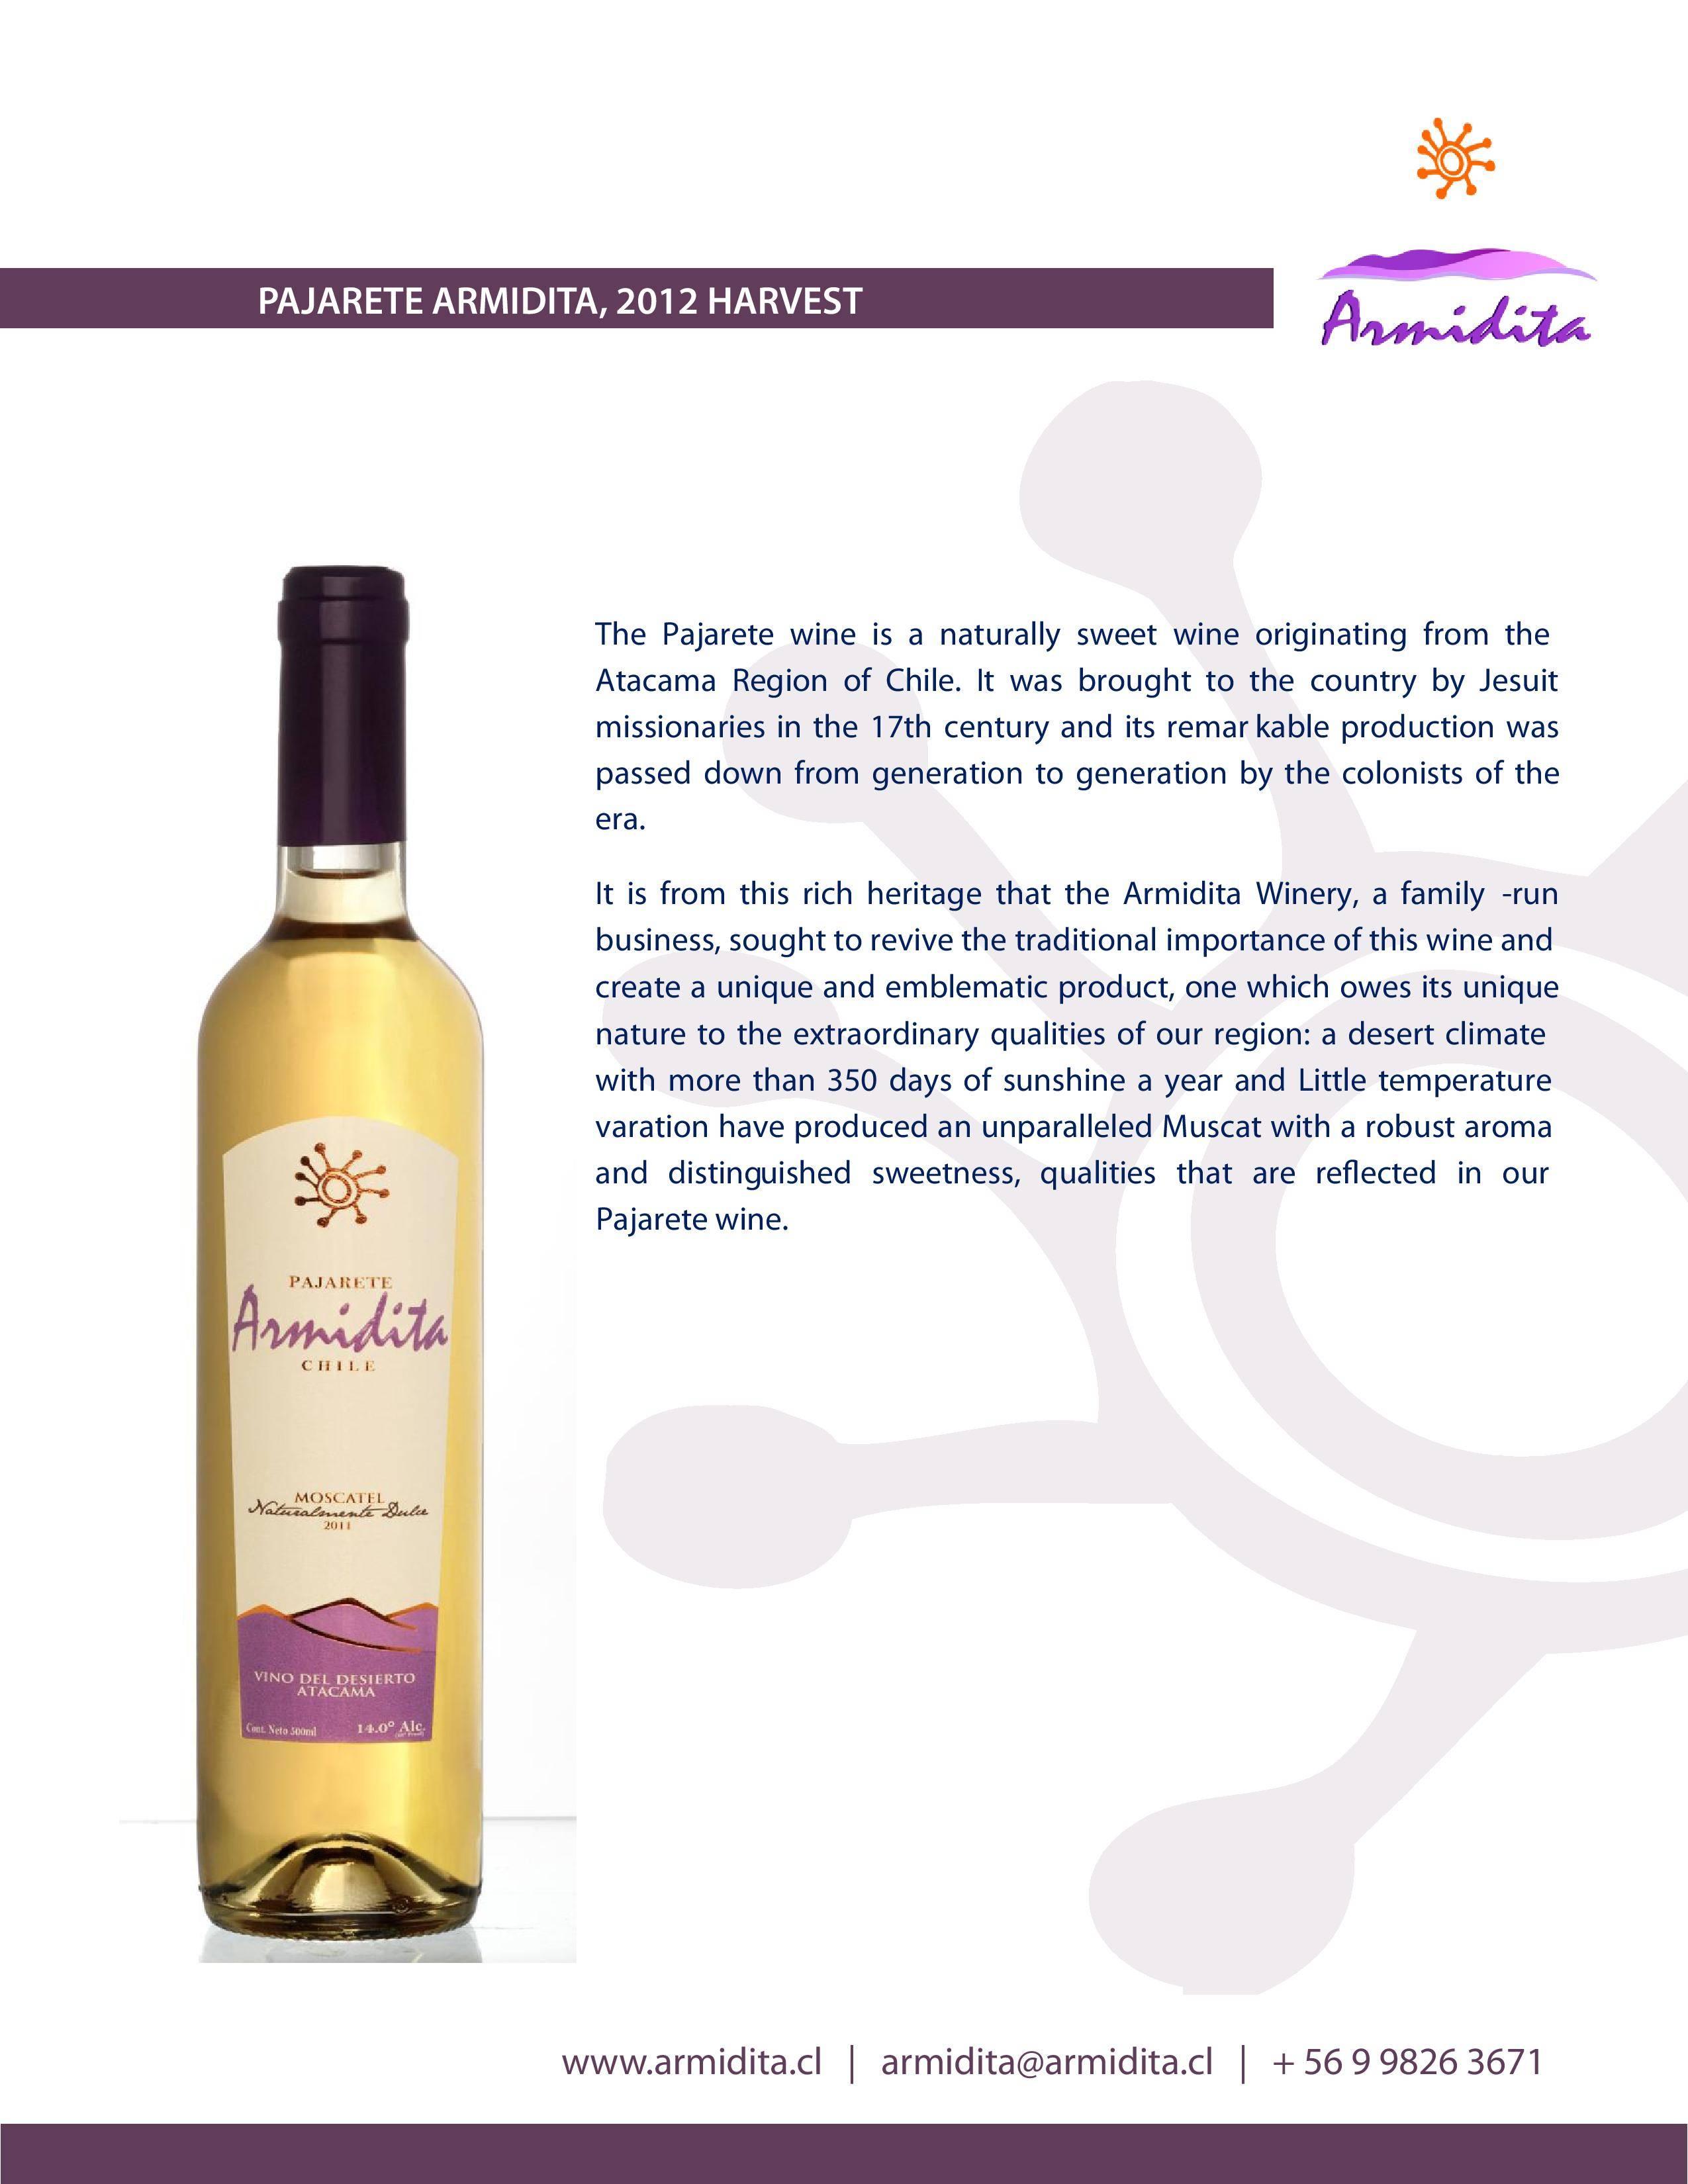 PAJARETE SWEET WINE